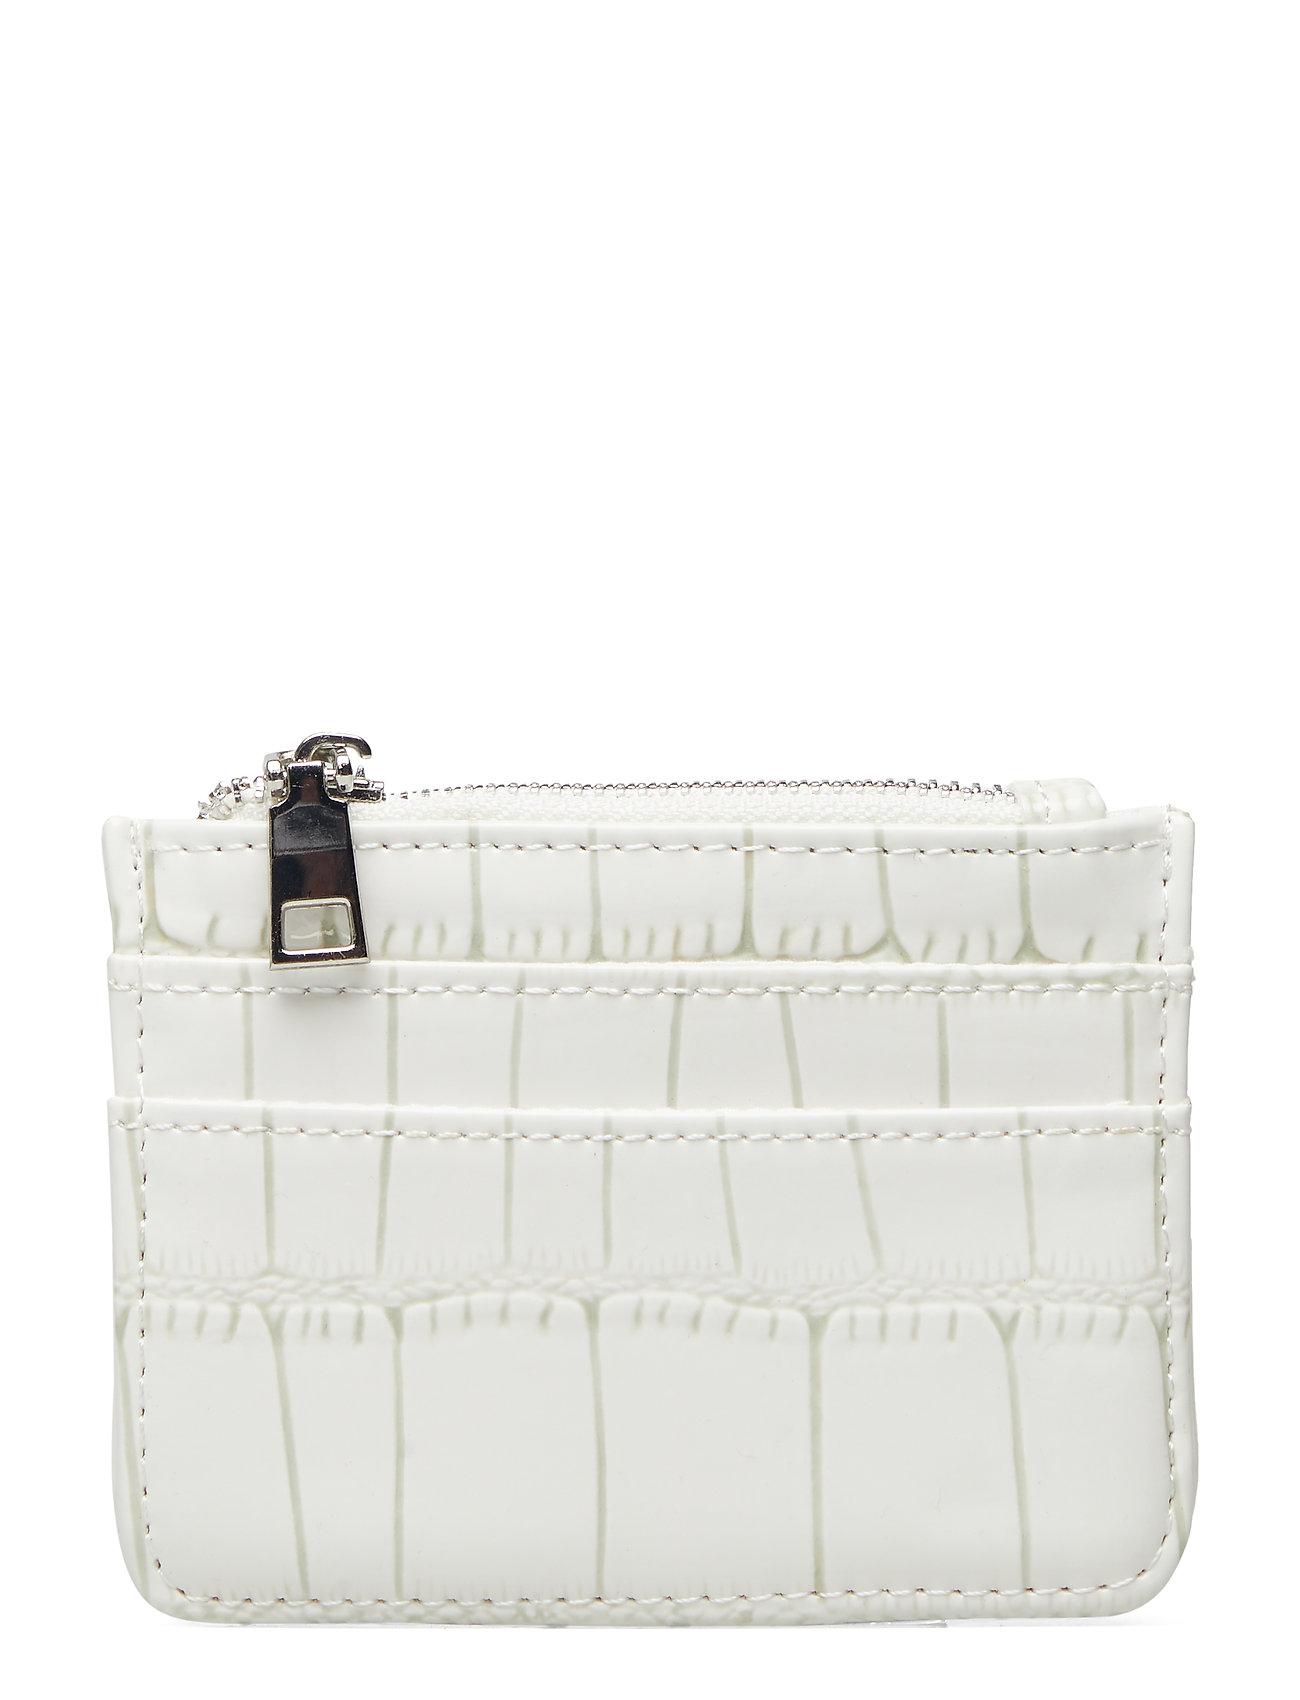 Image of Cayman Card Holder Bags Card Holders & Wallets Card Holder Hvid Hvisk (3455490317)